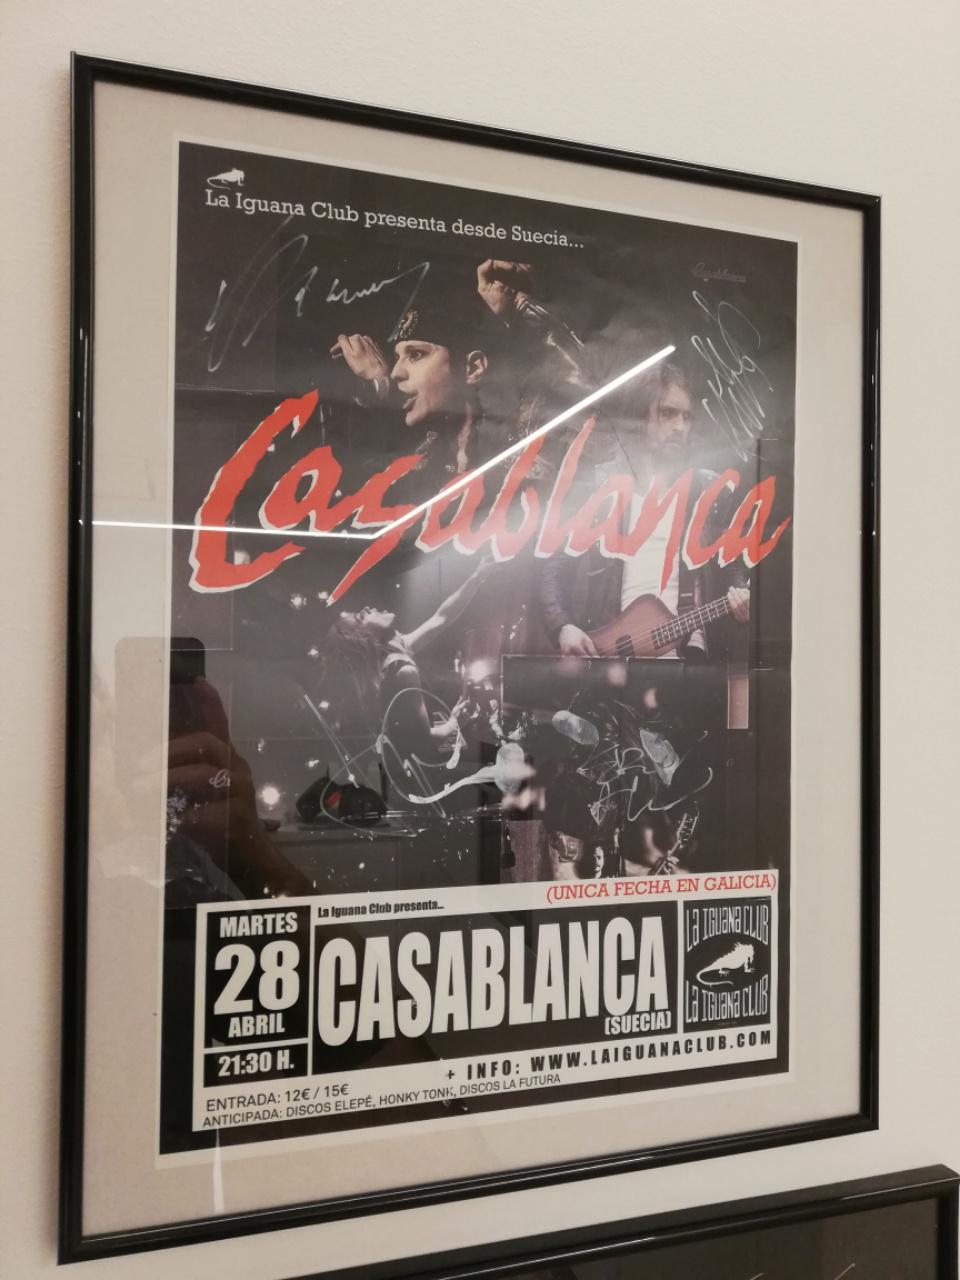 CASABLANCA - El grupo, no la película ni la ciudad ni el piso de Obama ni el trío de Madrid ni el sello discográfico - Página 8 Img_2013